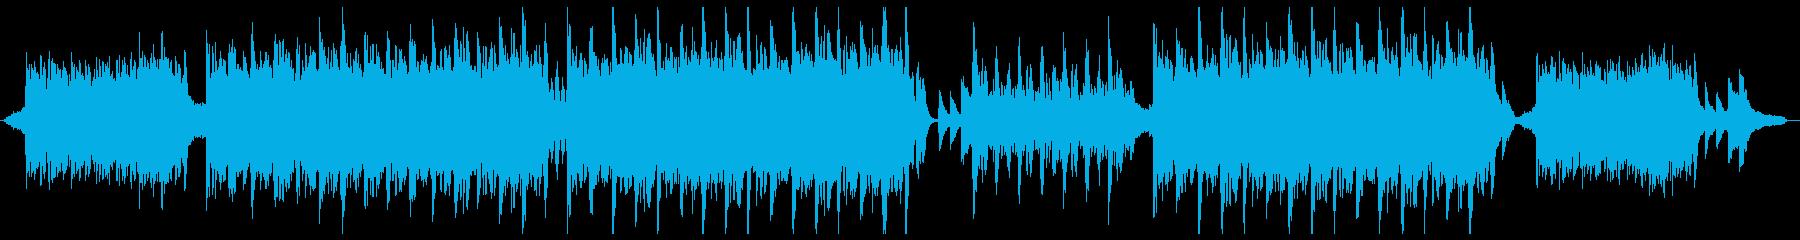 カジュアルなバイオリンポップ:メロディ抜の再生済みの波形